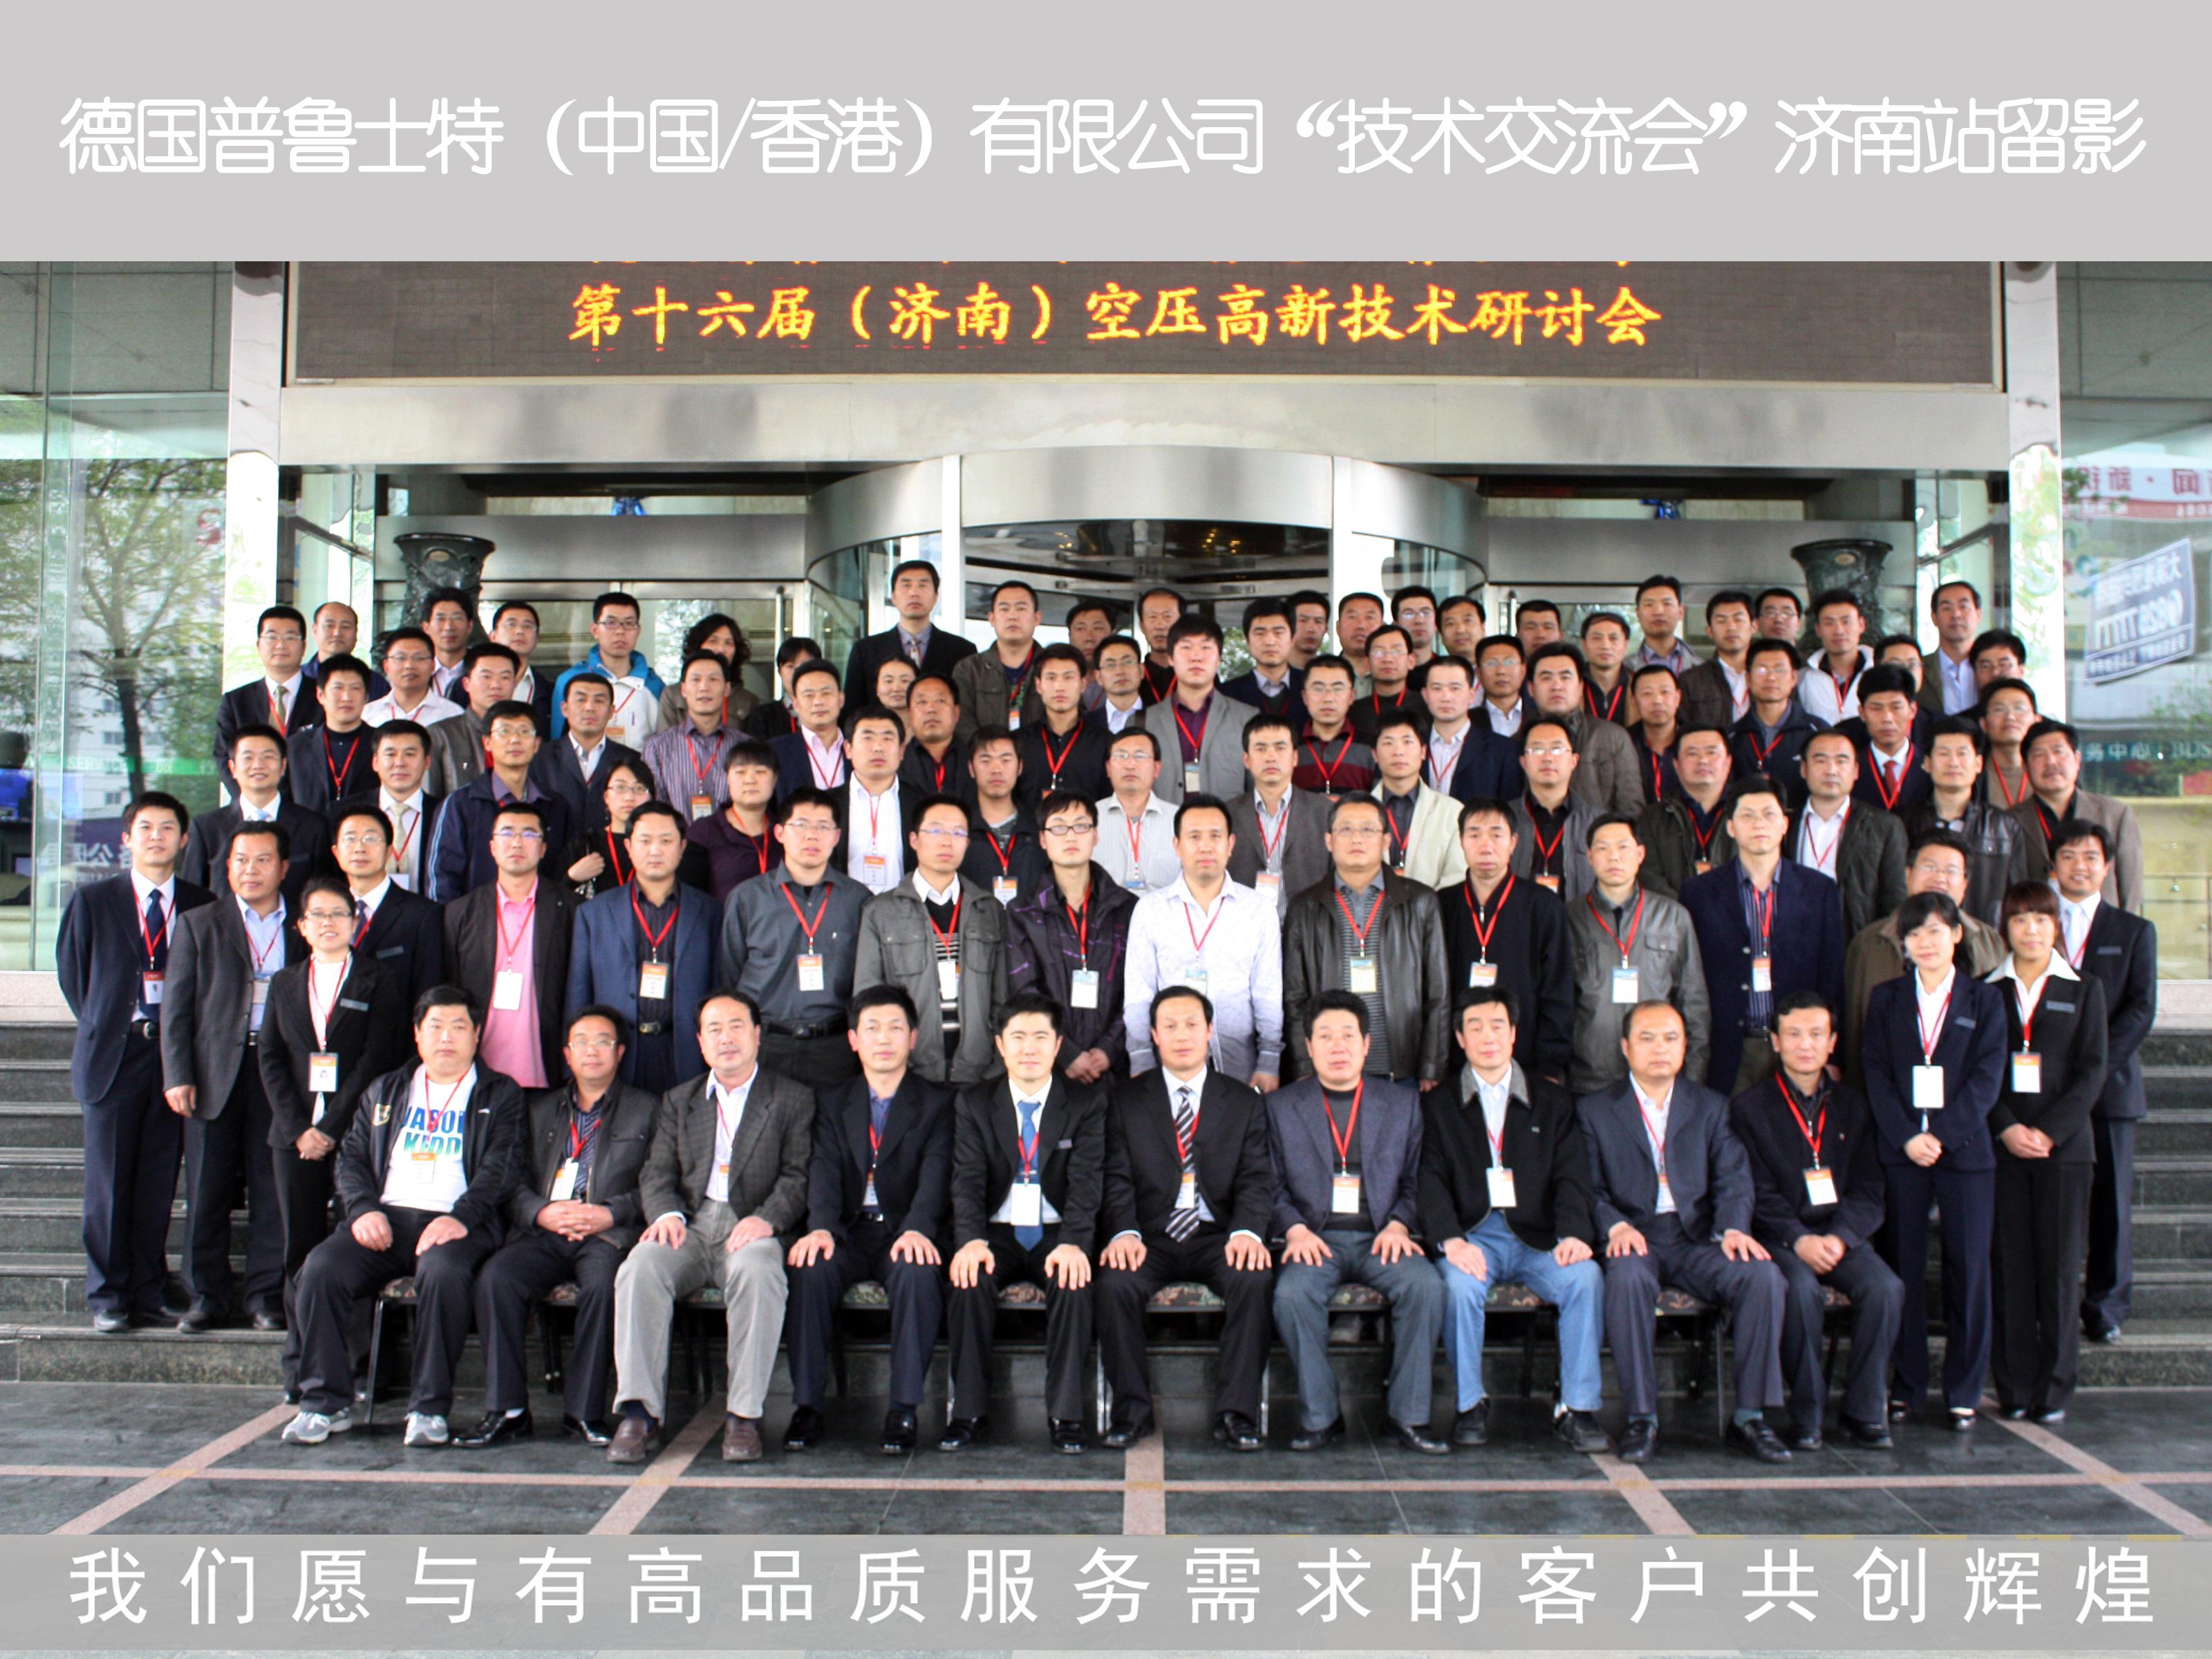 热烈庆祝第16届普鲁士特空压行业高新技术研讨会(济南站)成功召开